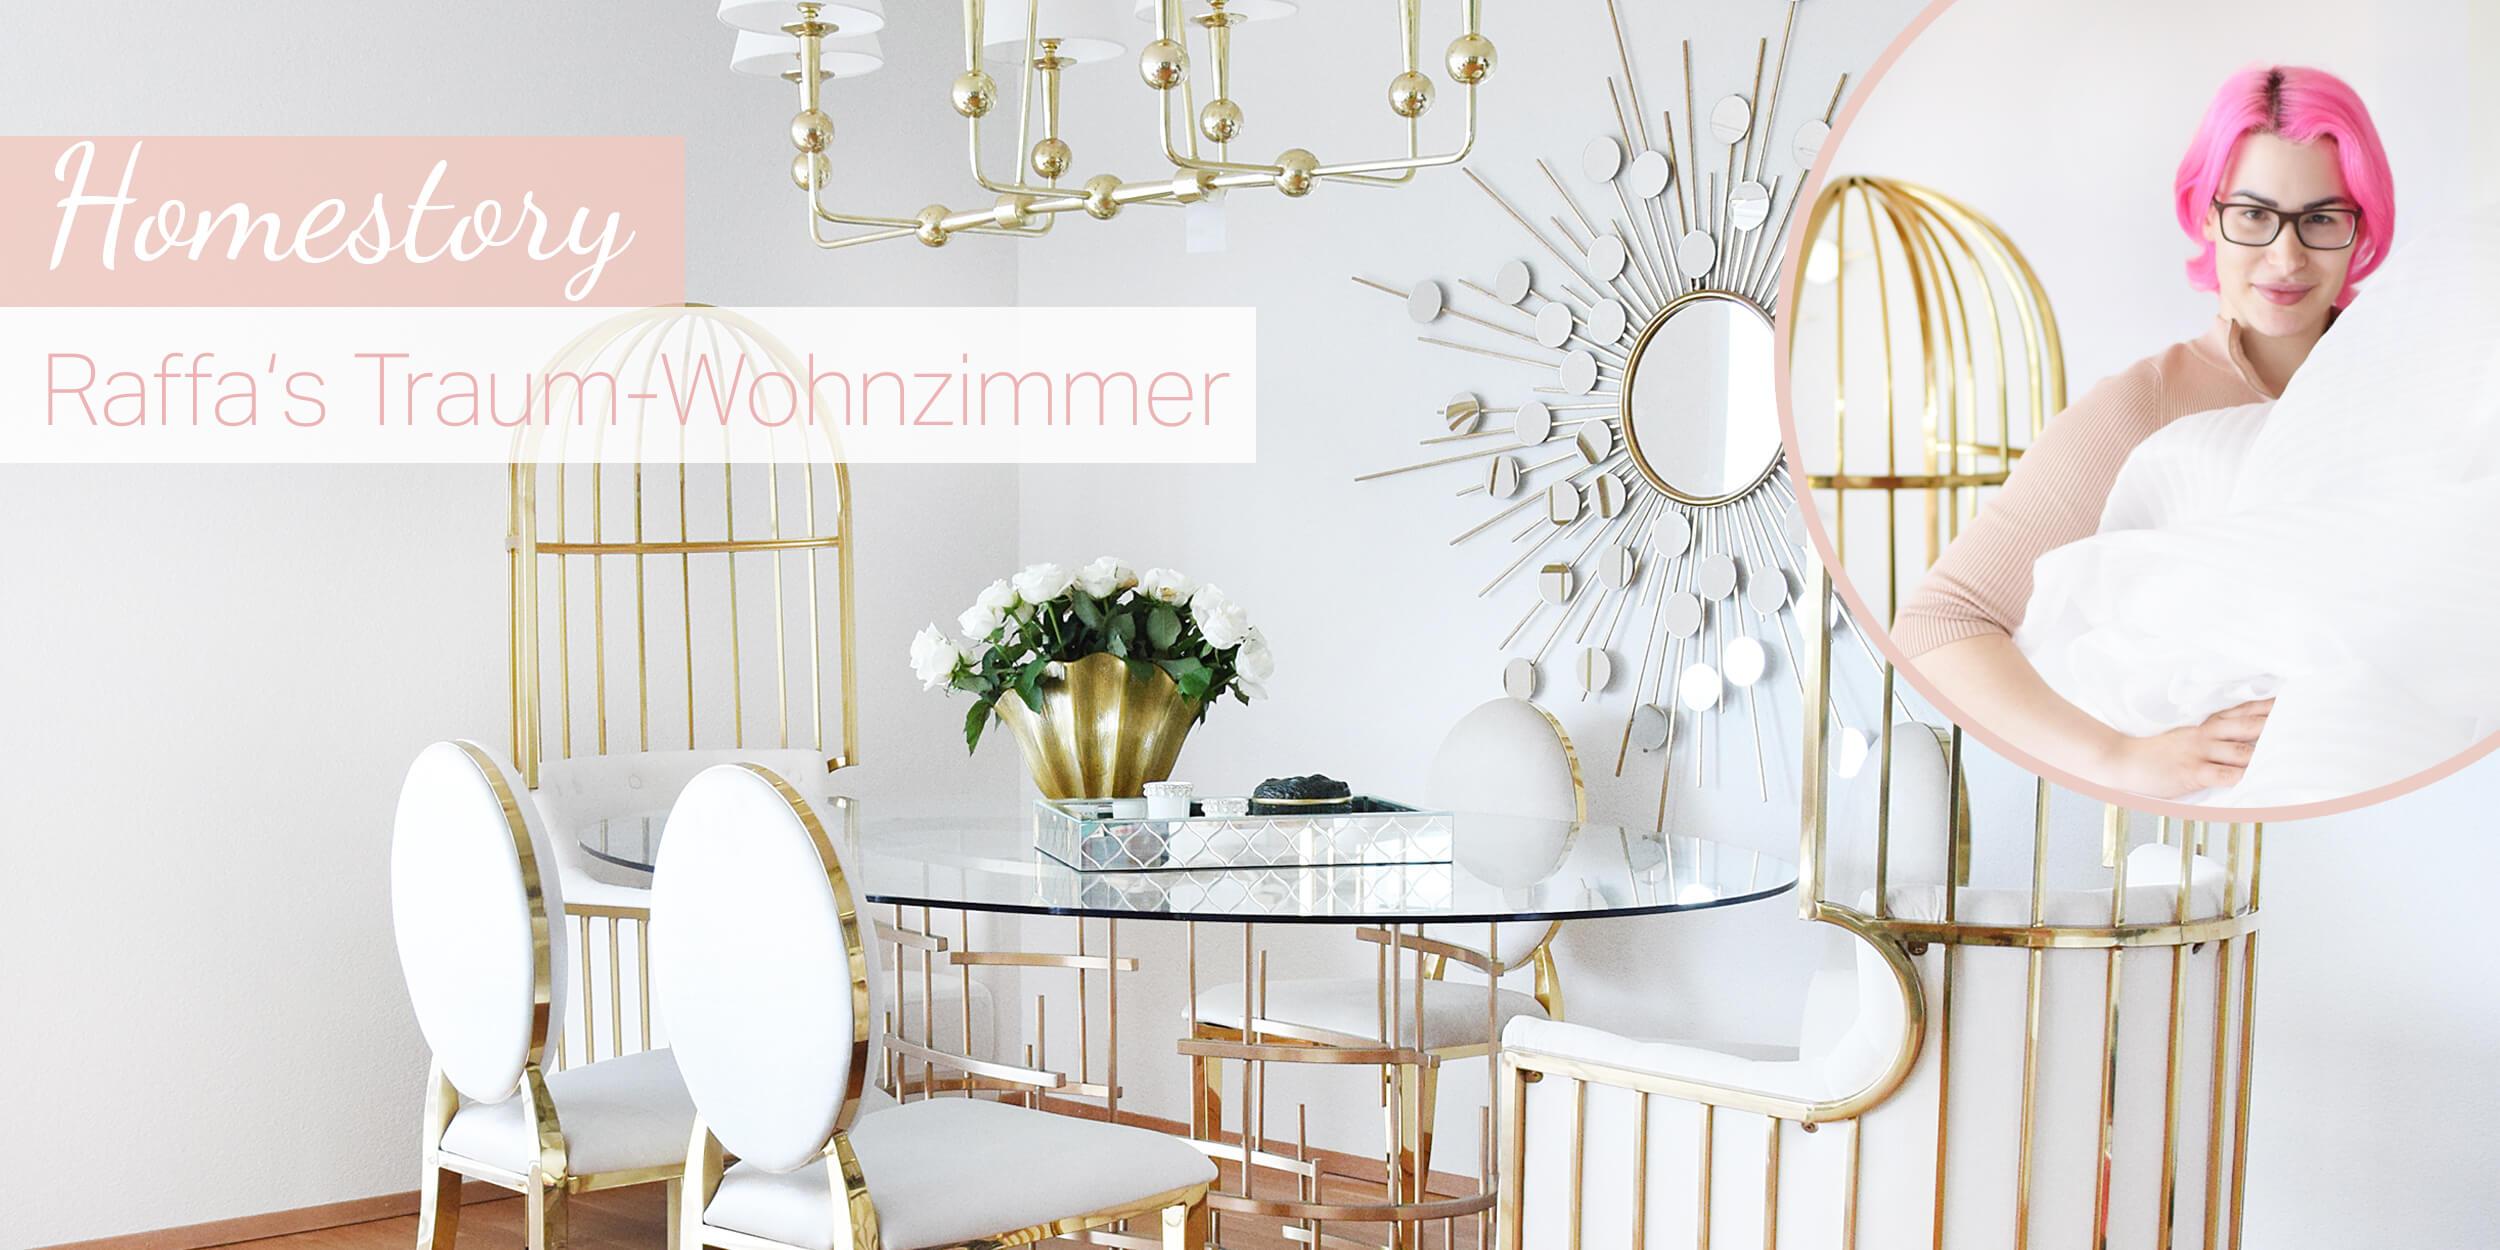 Raffas neues Traum-Wohnzimmer! - Looks